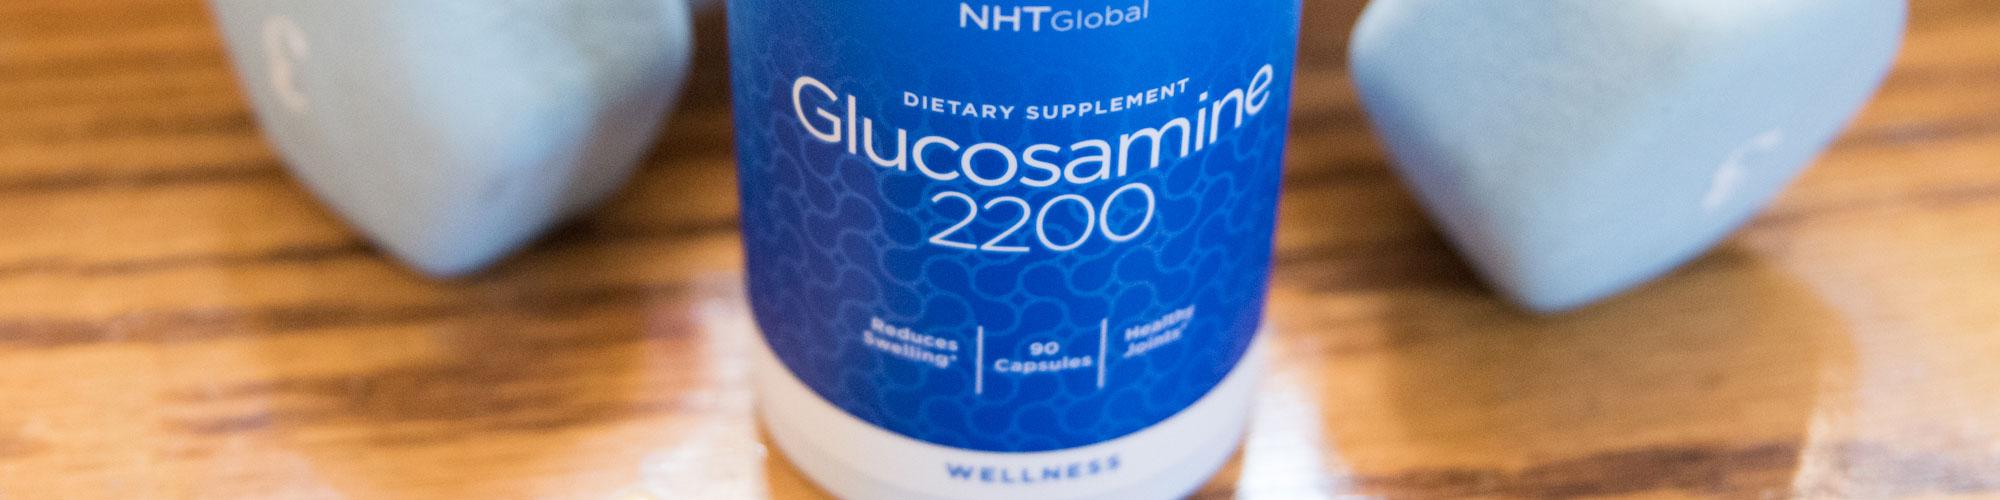 Glucosamine 2200 von NHT Global